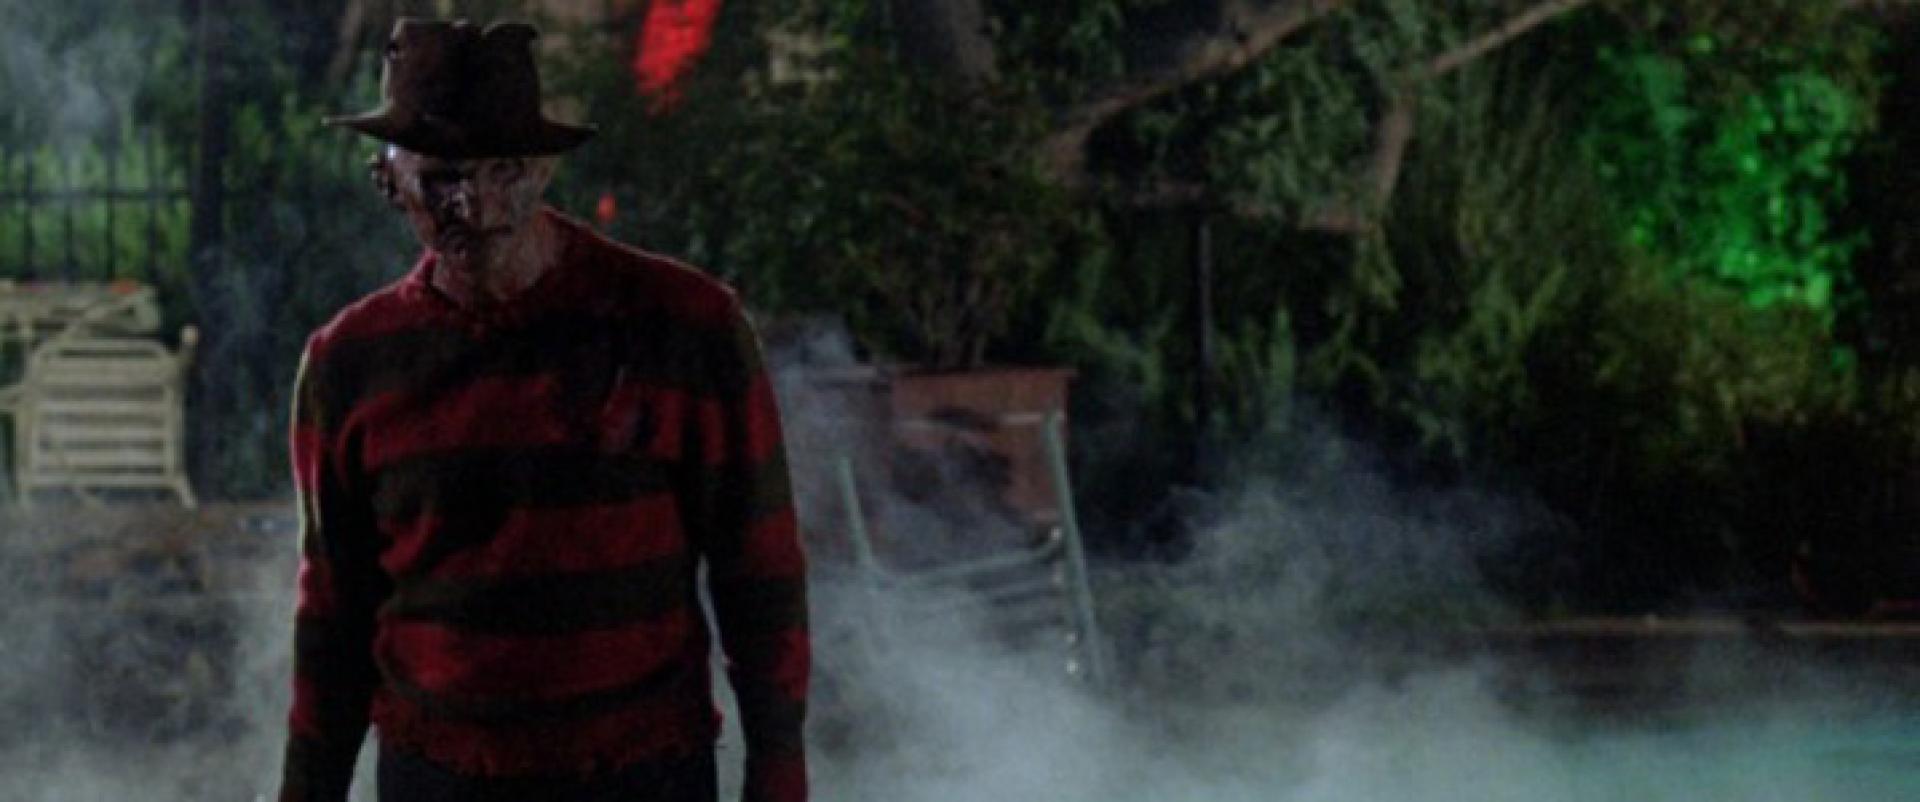 Rémálom az Elm utcában: új remake készülőben